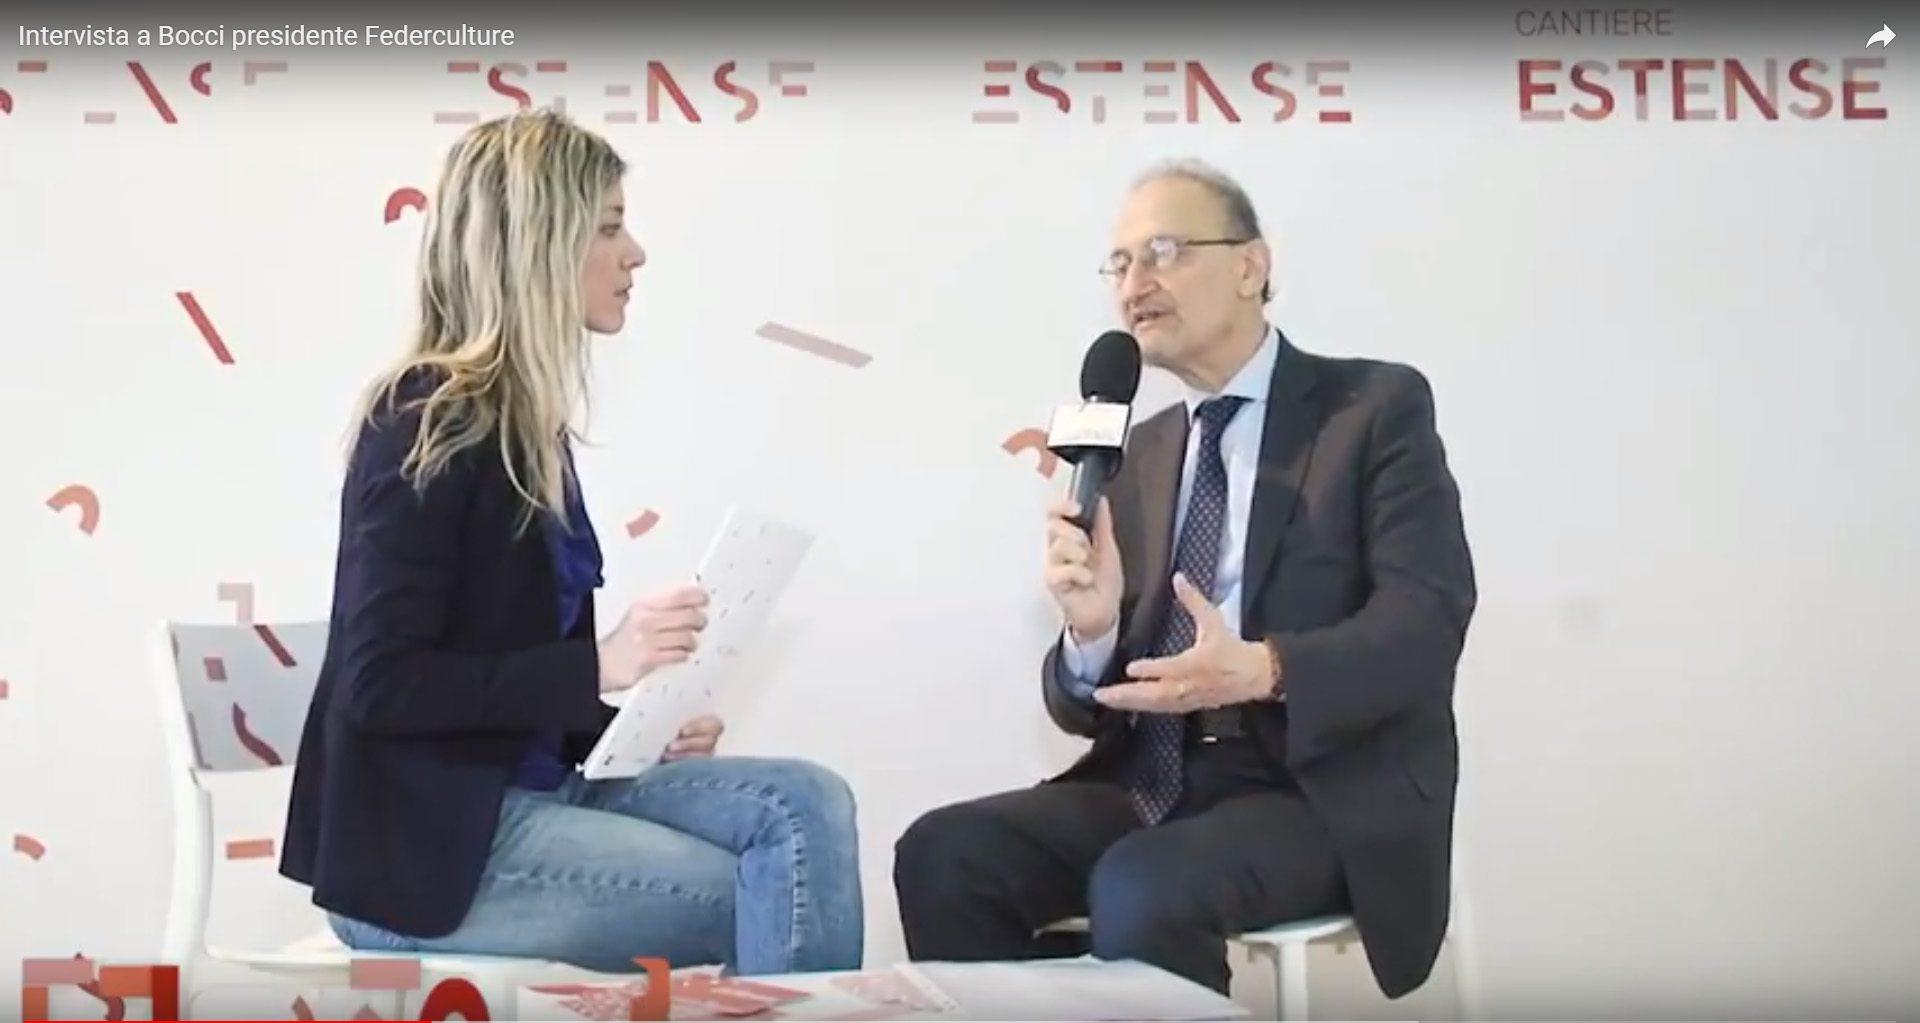 Modelli di governance. <br> L'intervista a Claudio Bocci, presidente di Federculture